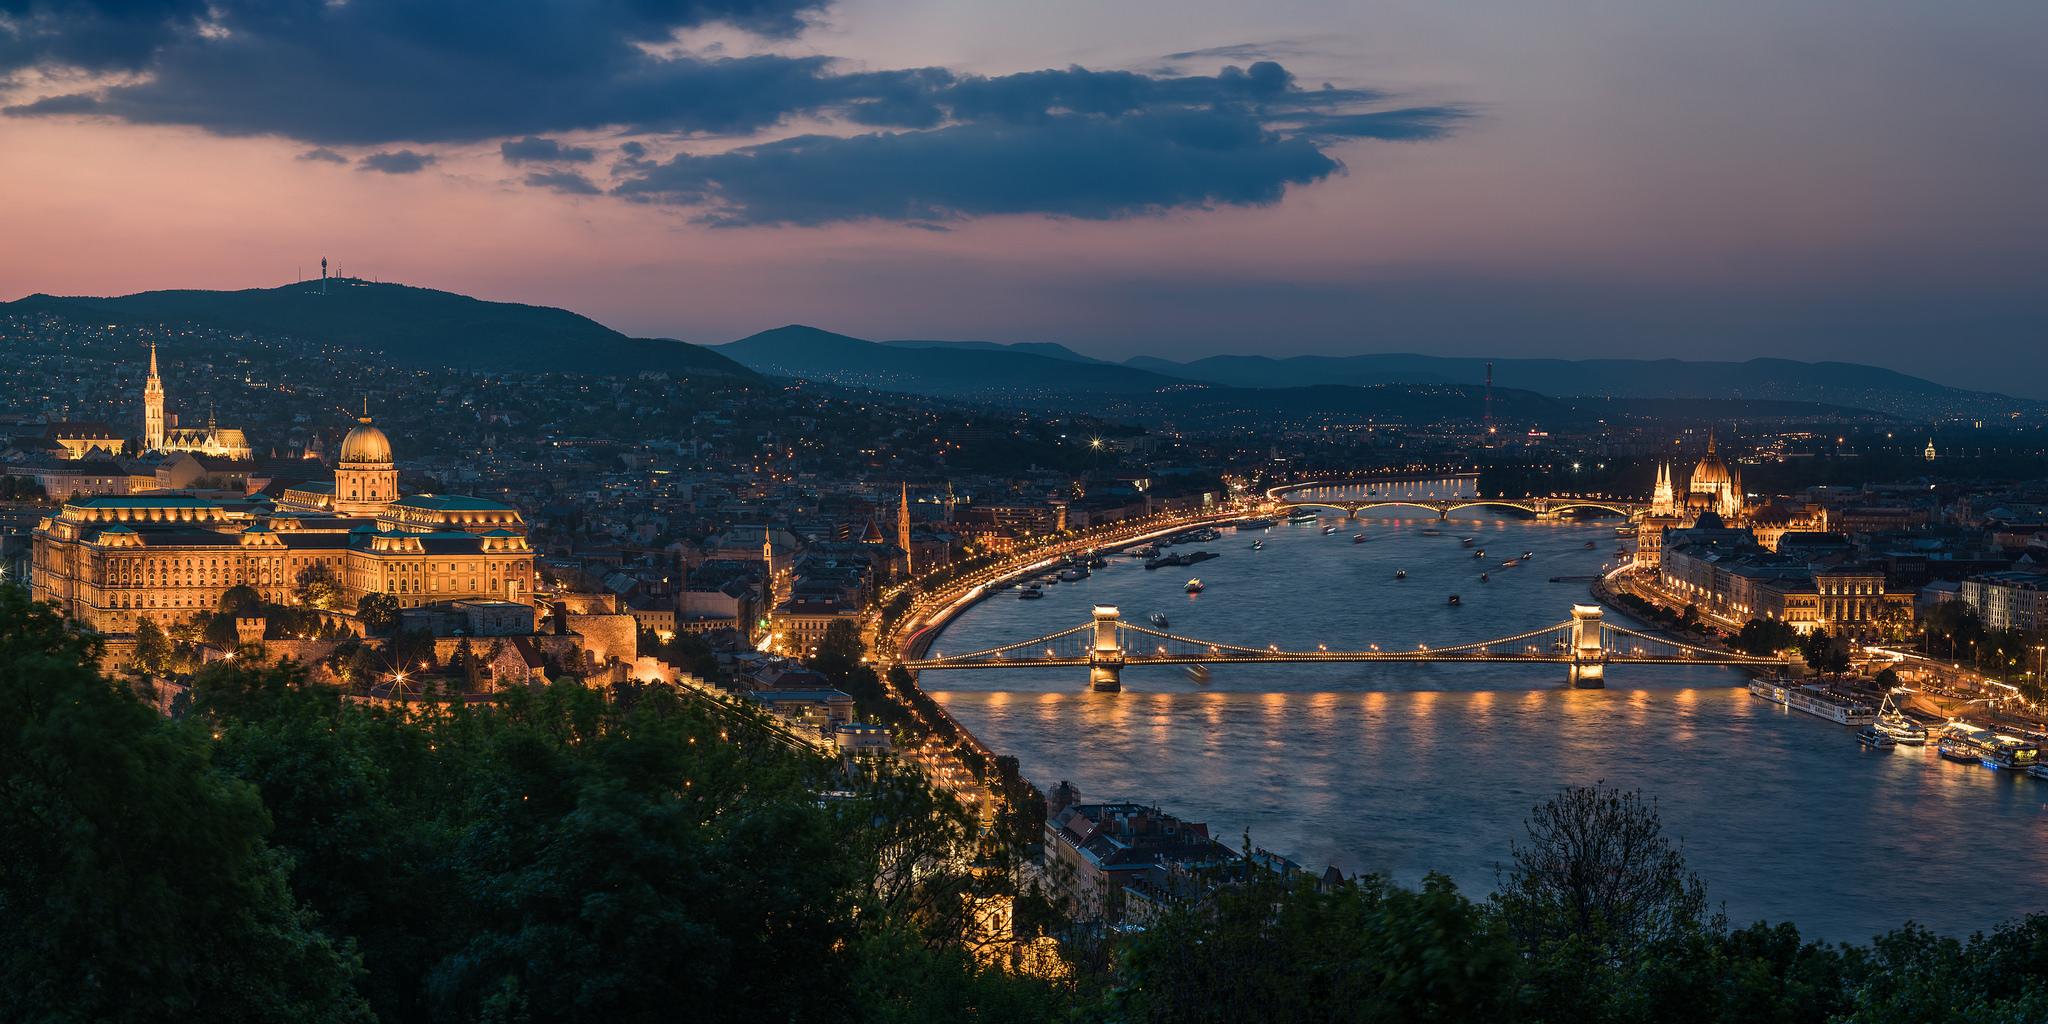 Nachttrein Budapest